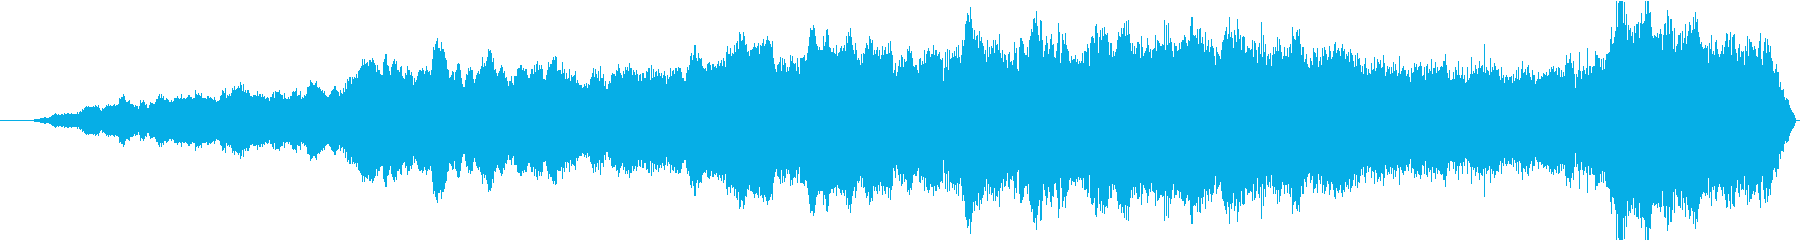 PADS 雄大な明るさ02の再生済みの波形